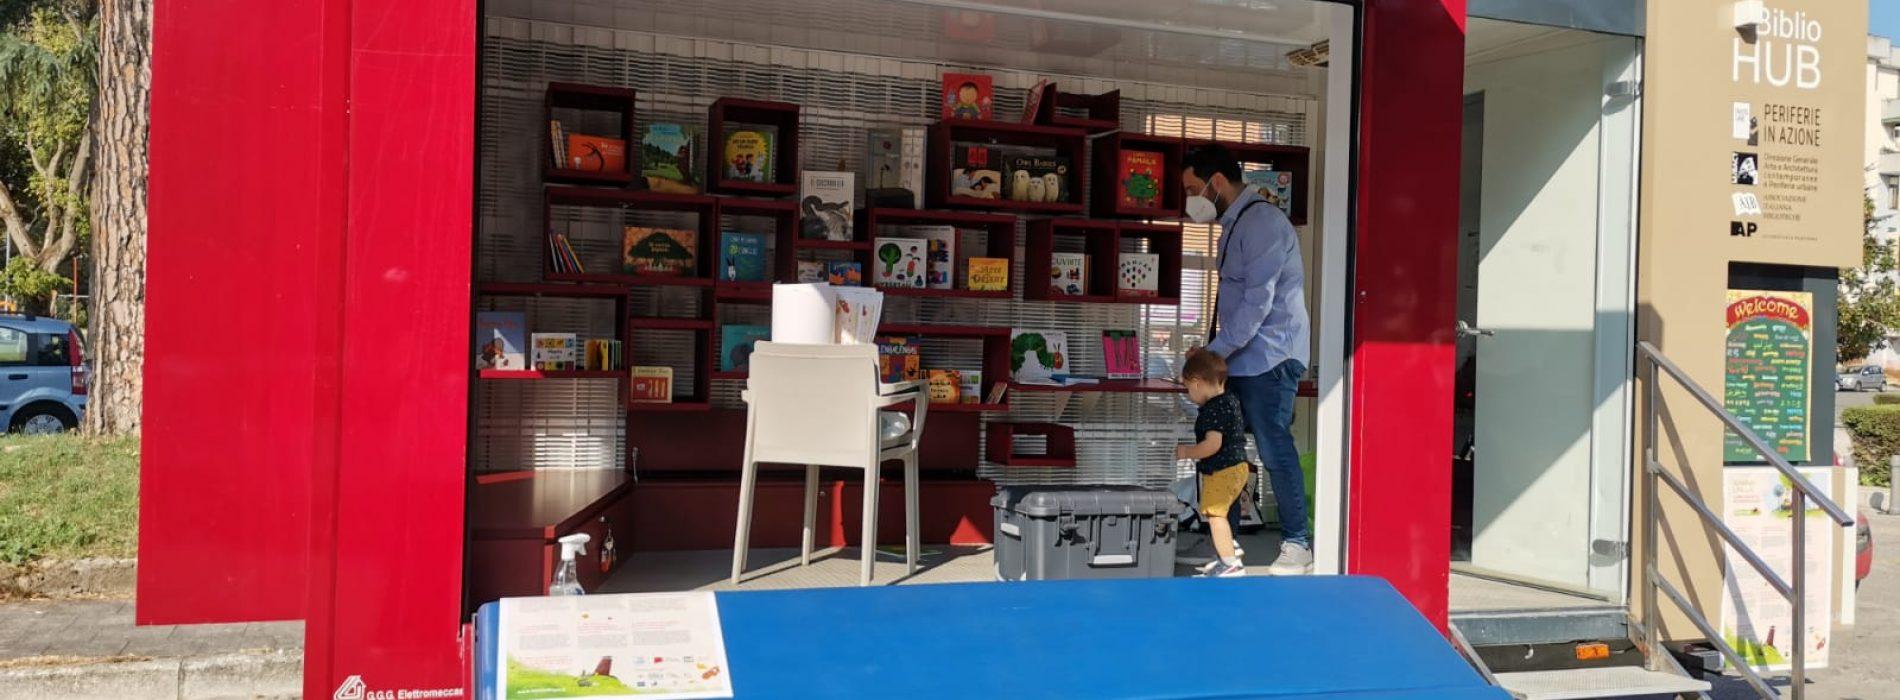 Tappa a Caserta per il Bibliohub, è un centro mobile per i libri